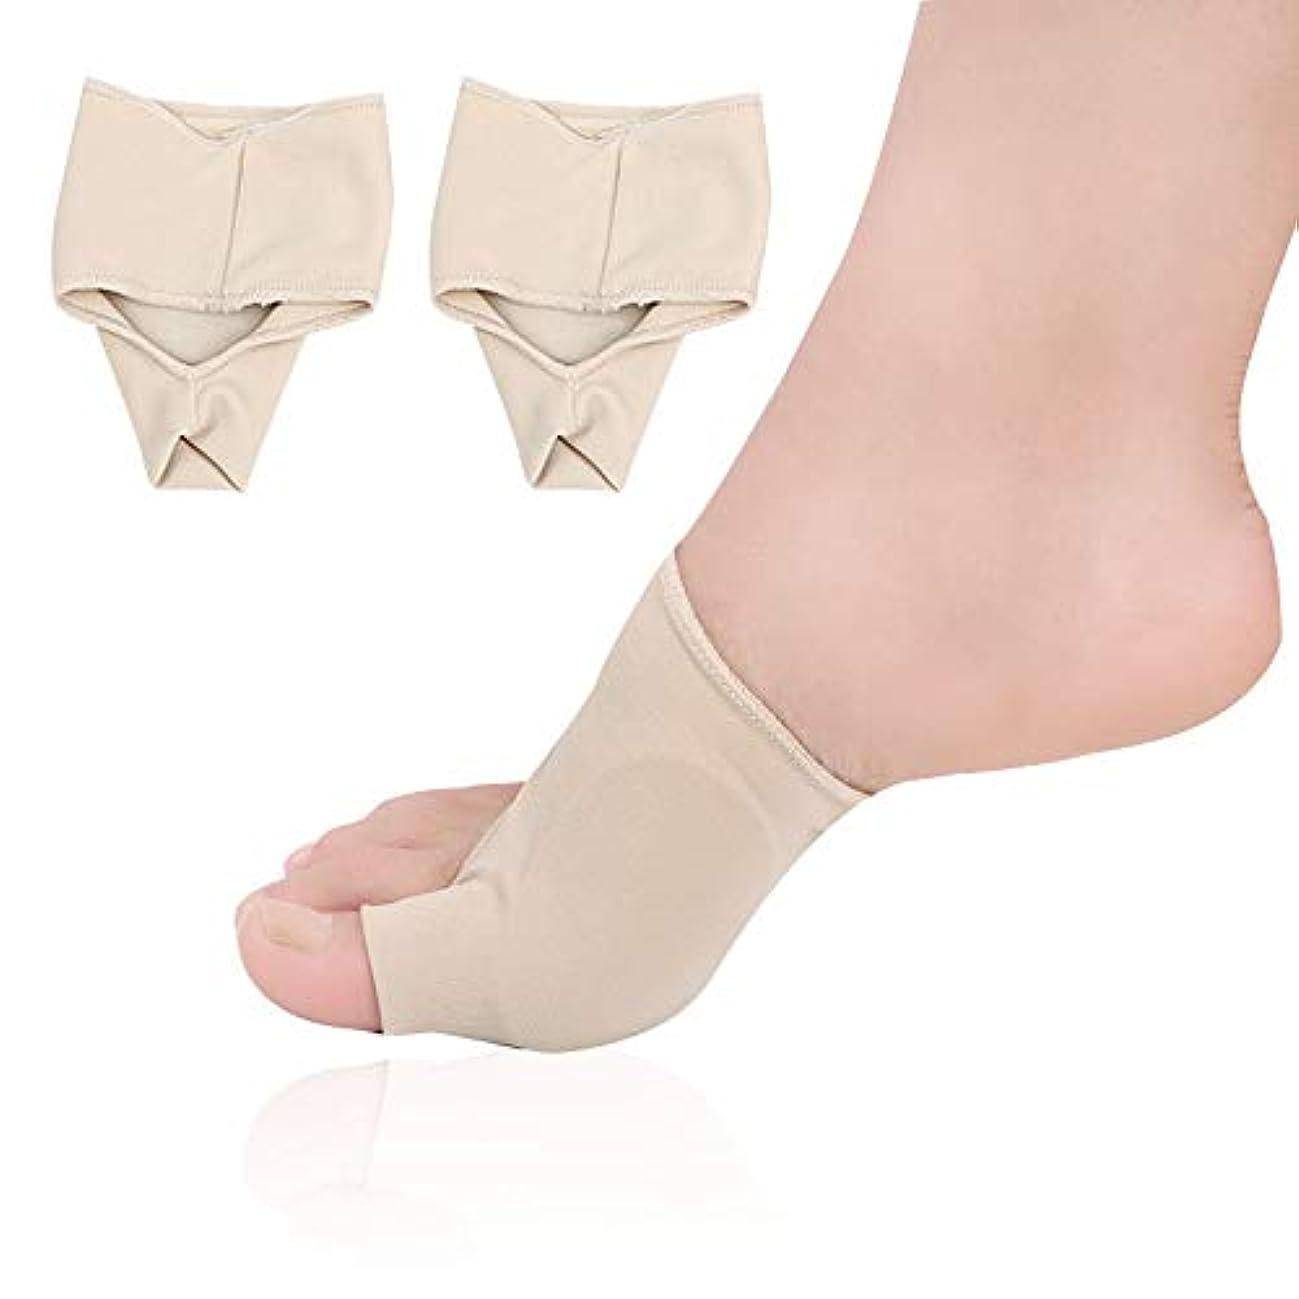 保証金引退した限りつま先矯正靴下ケアつま先防止重複伸縮性の高いダンピング吸収汗通気性ライクラSEBS布,5pairs,L